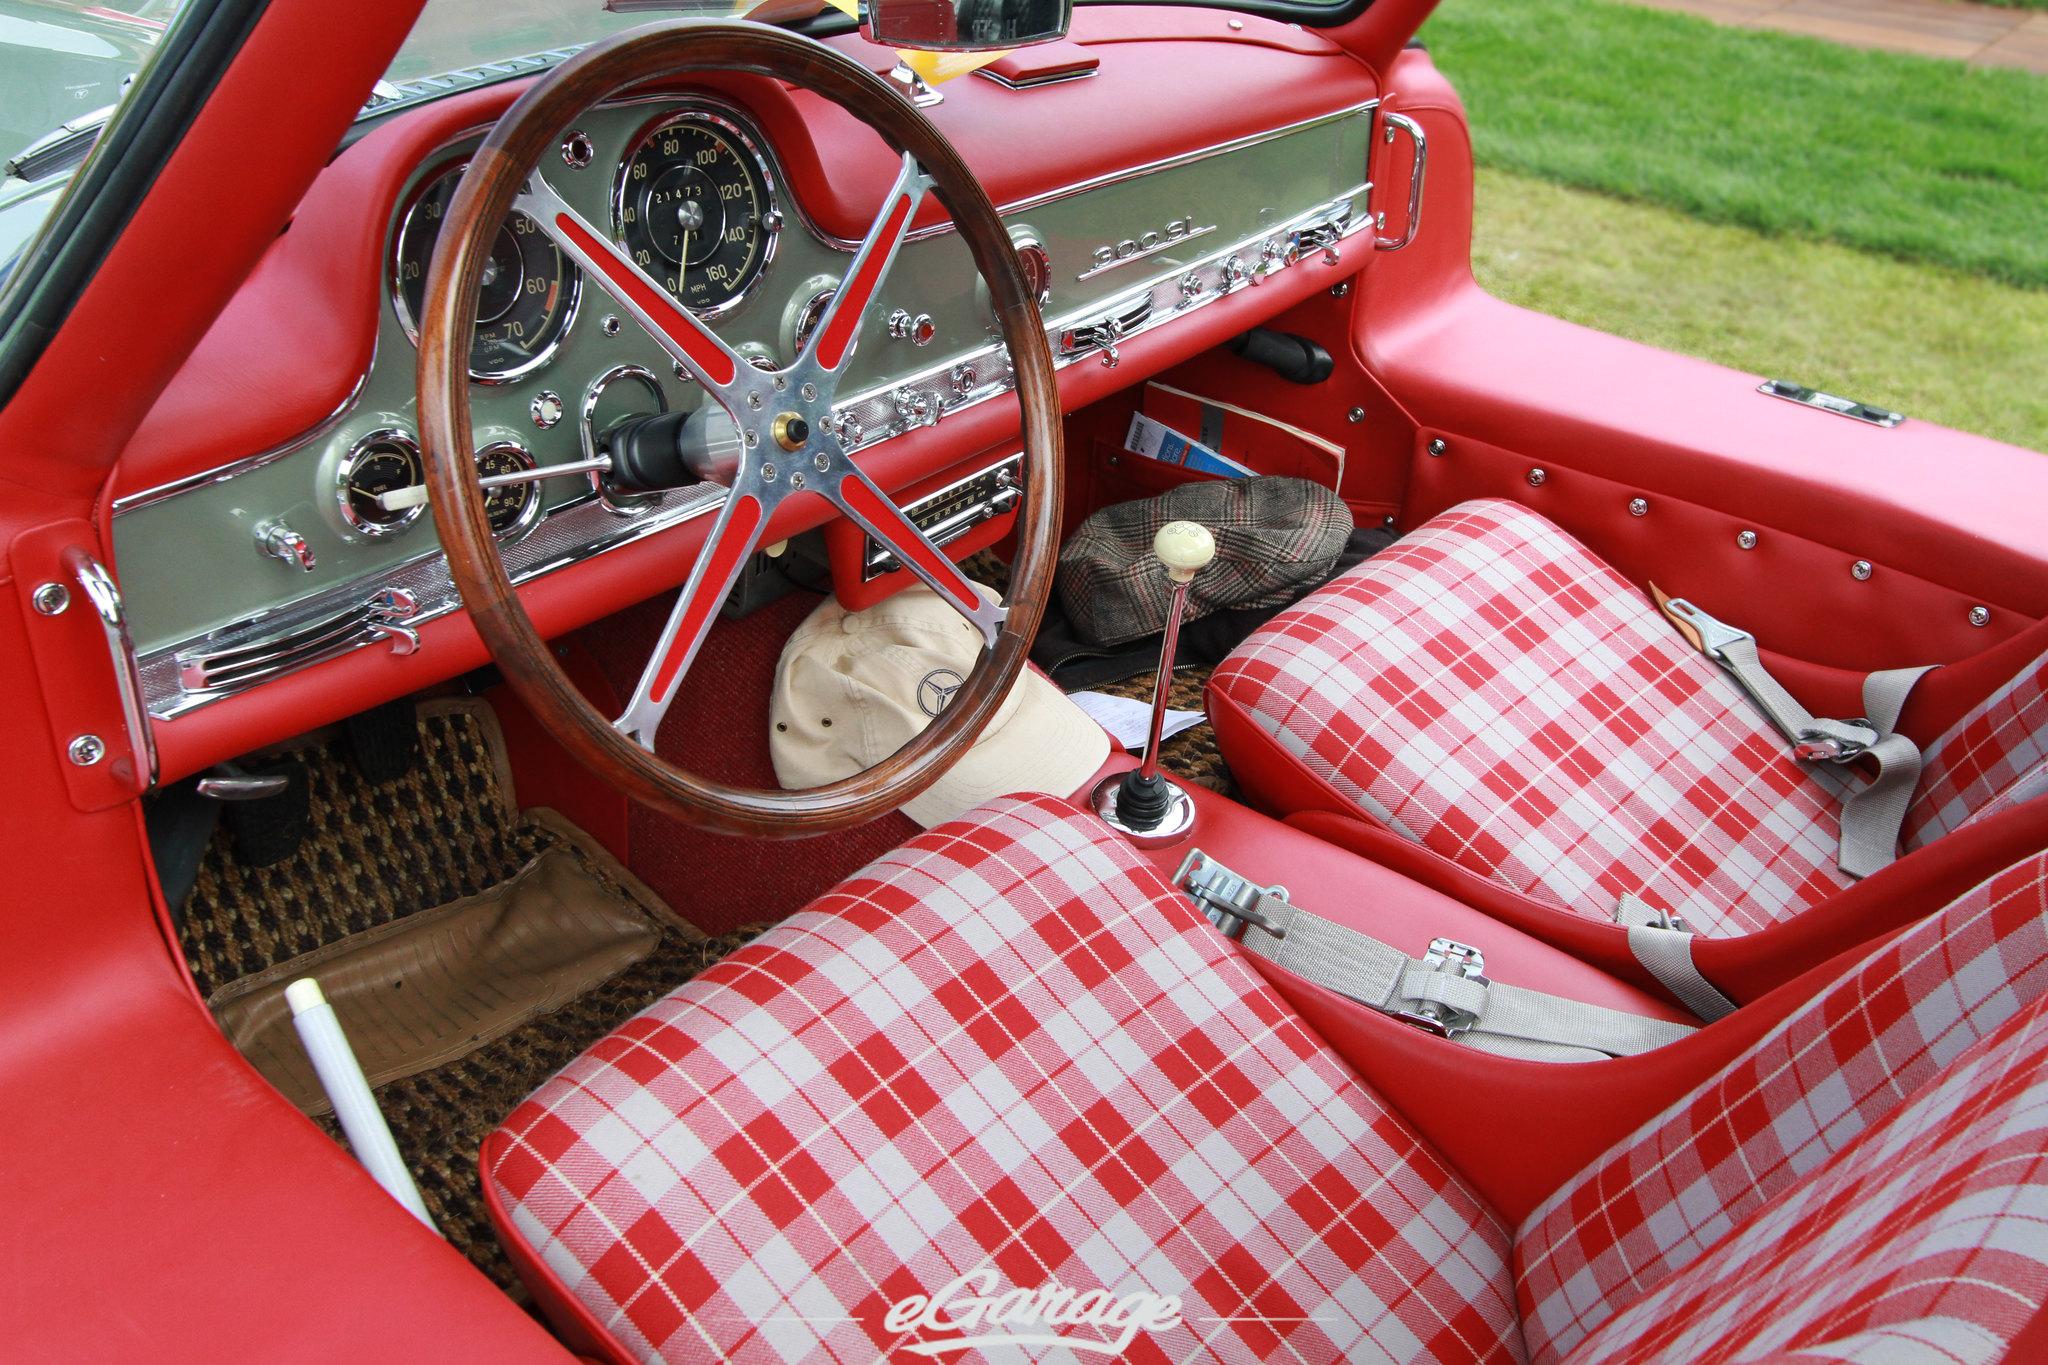 7828932030 15792b5c40 k Mercedes Benz Classic